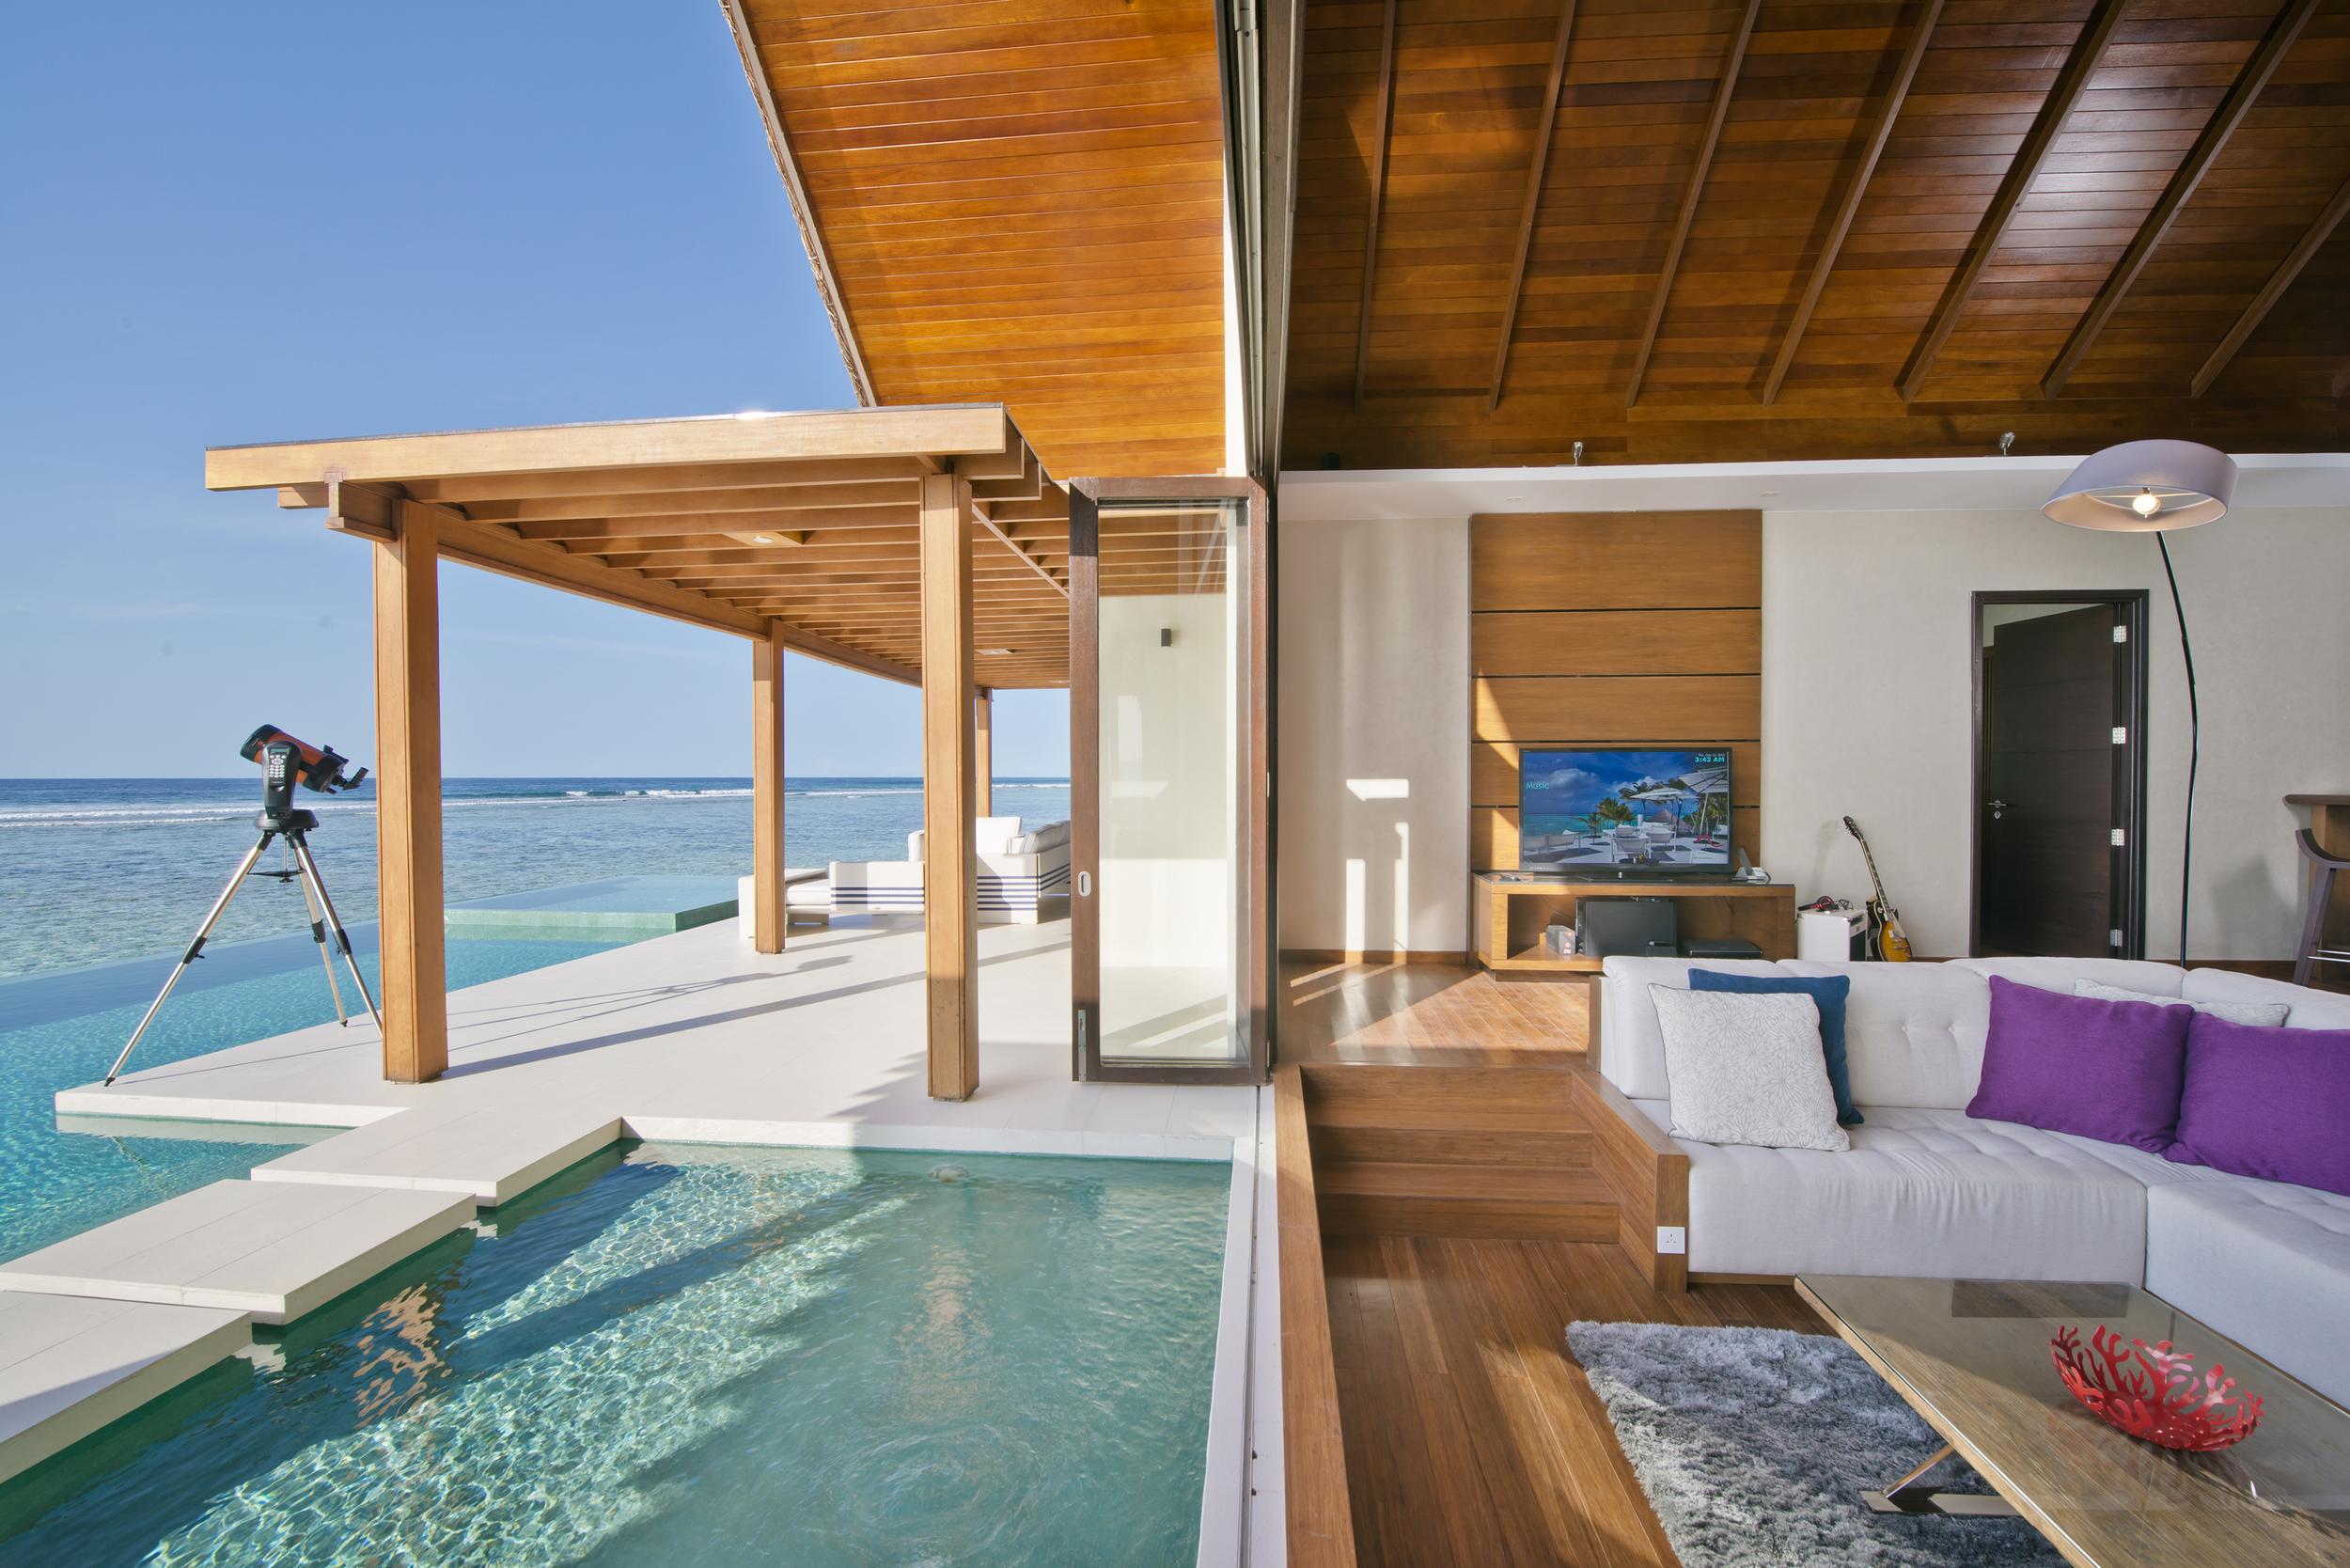 Hi_PNIY_61508818_Ocean_Pavilion_Two_Bedroom_with_Pool_-_Interior.jpg